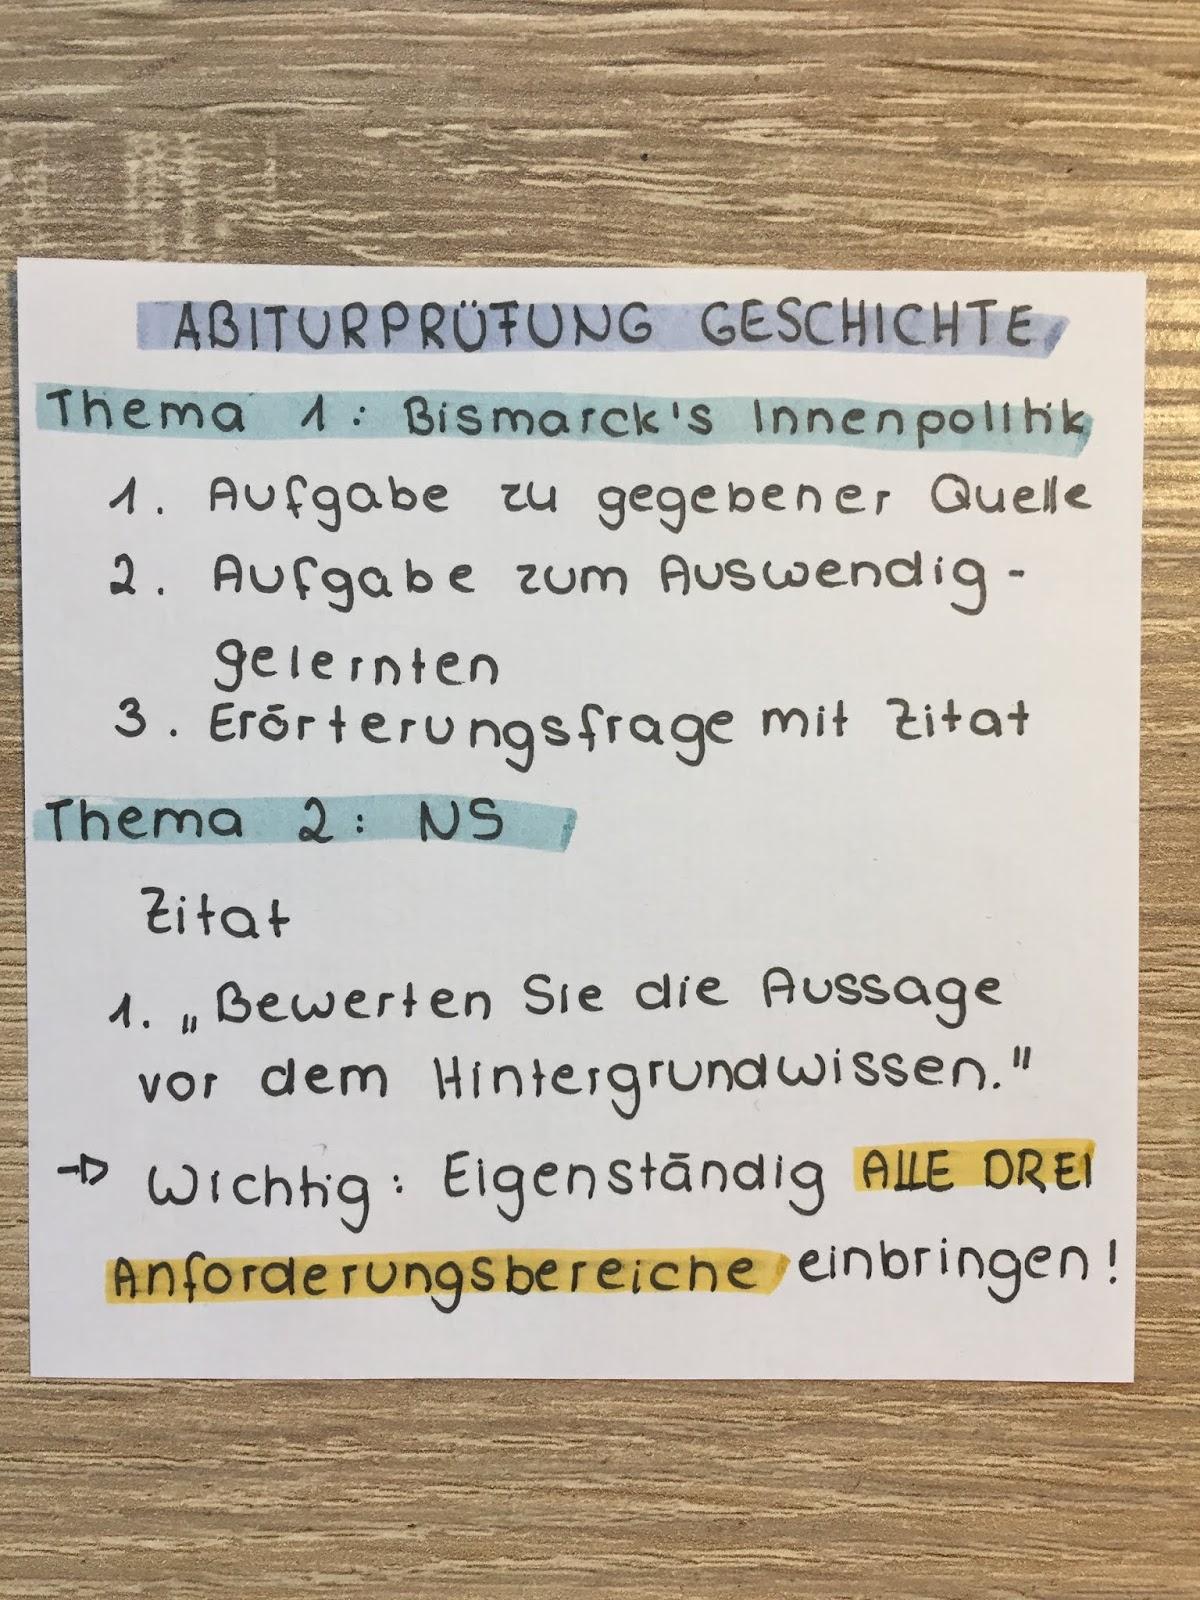 Geschichte Als Mundliches Prufungsfach Im Abitur Meine Erfahrungen